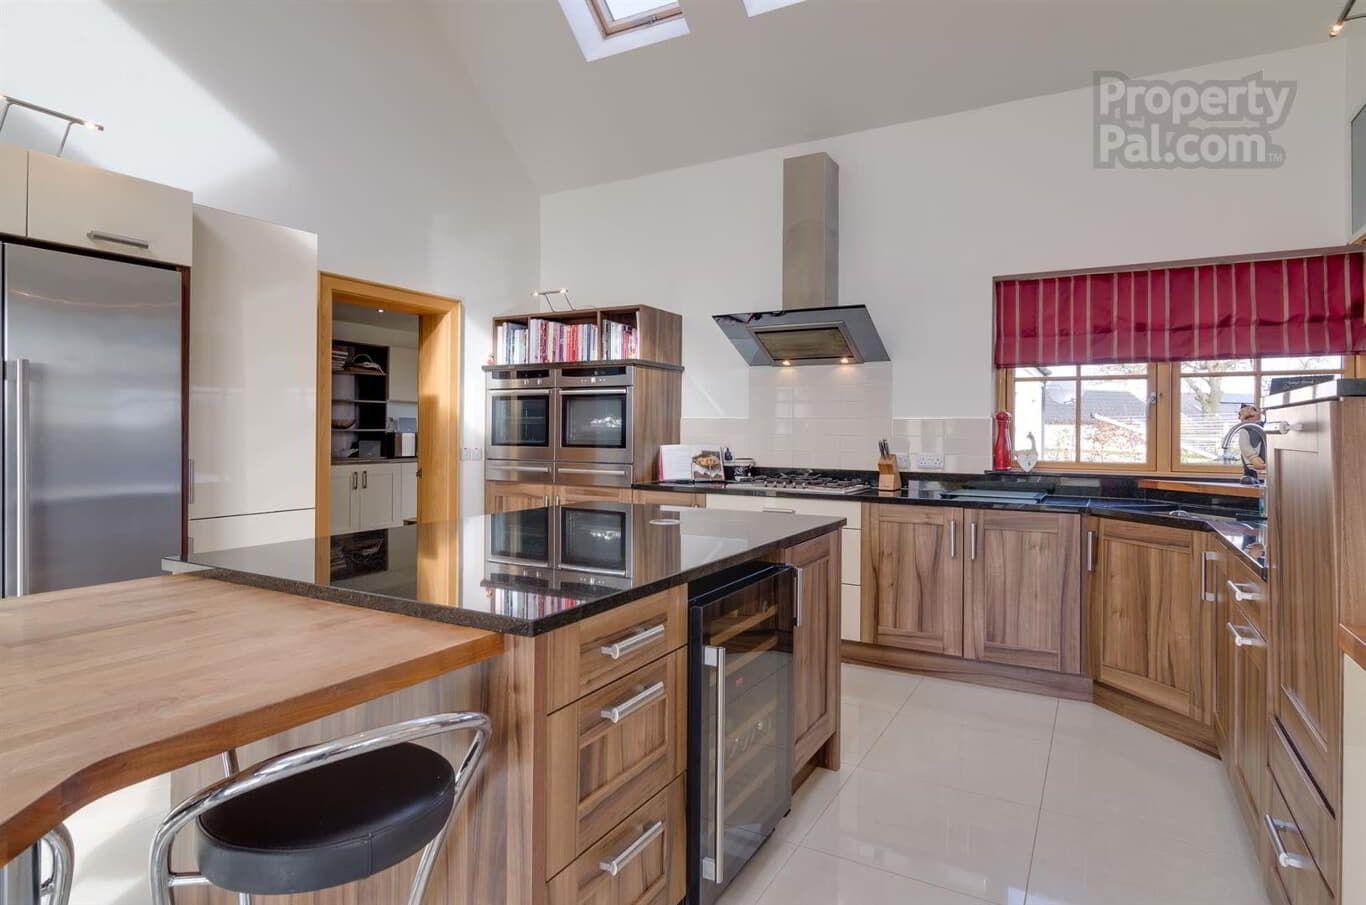 25F Ballinderry Road, Aghalee, Craigavon Kitchen